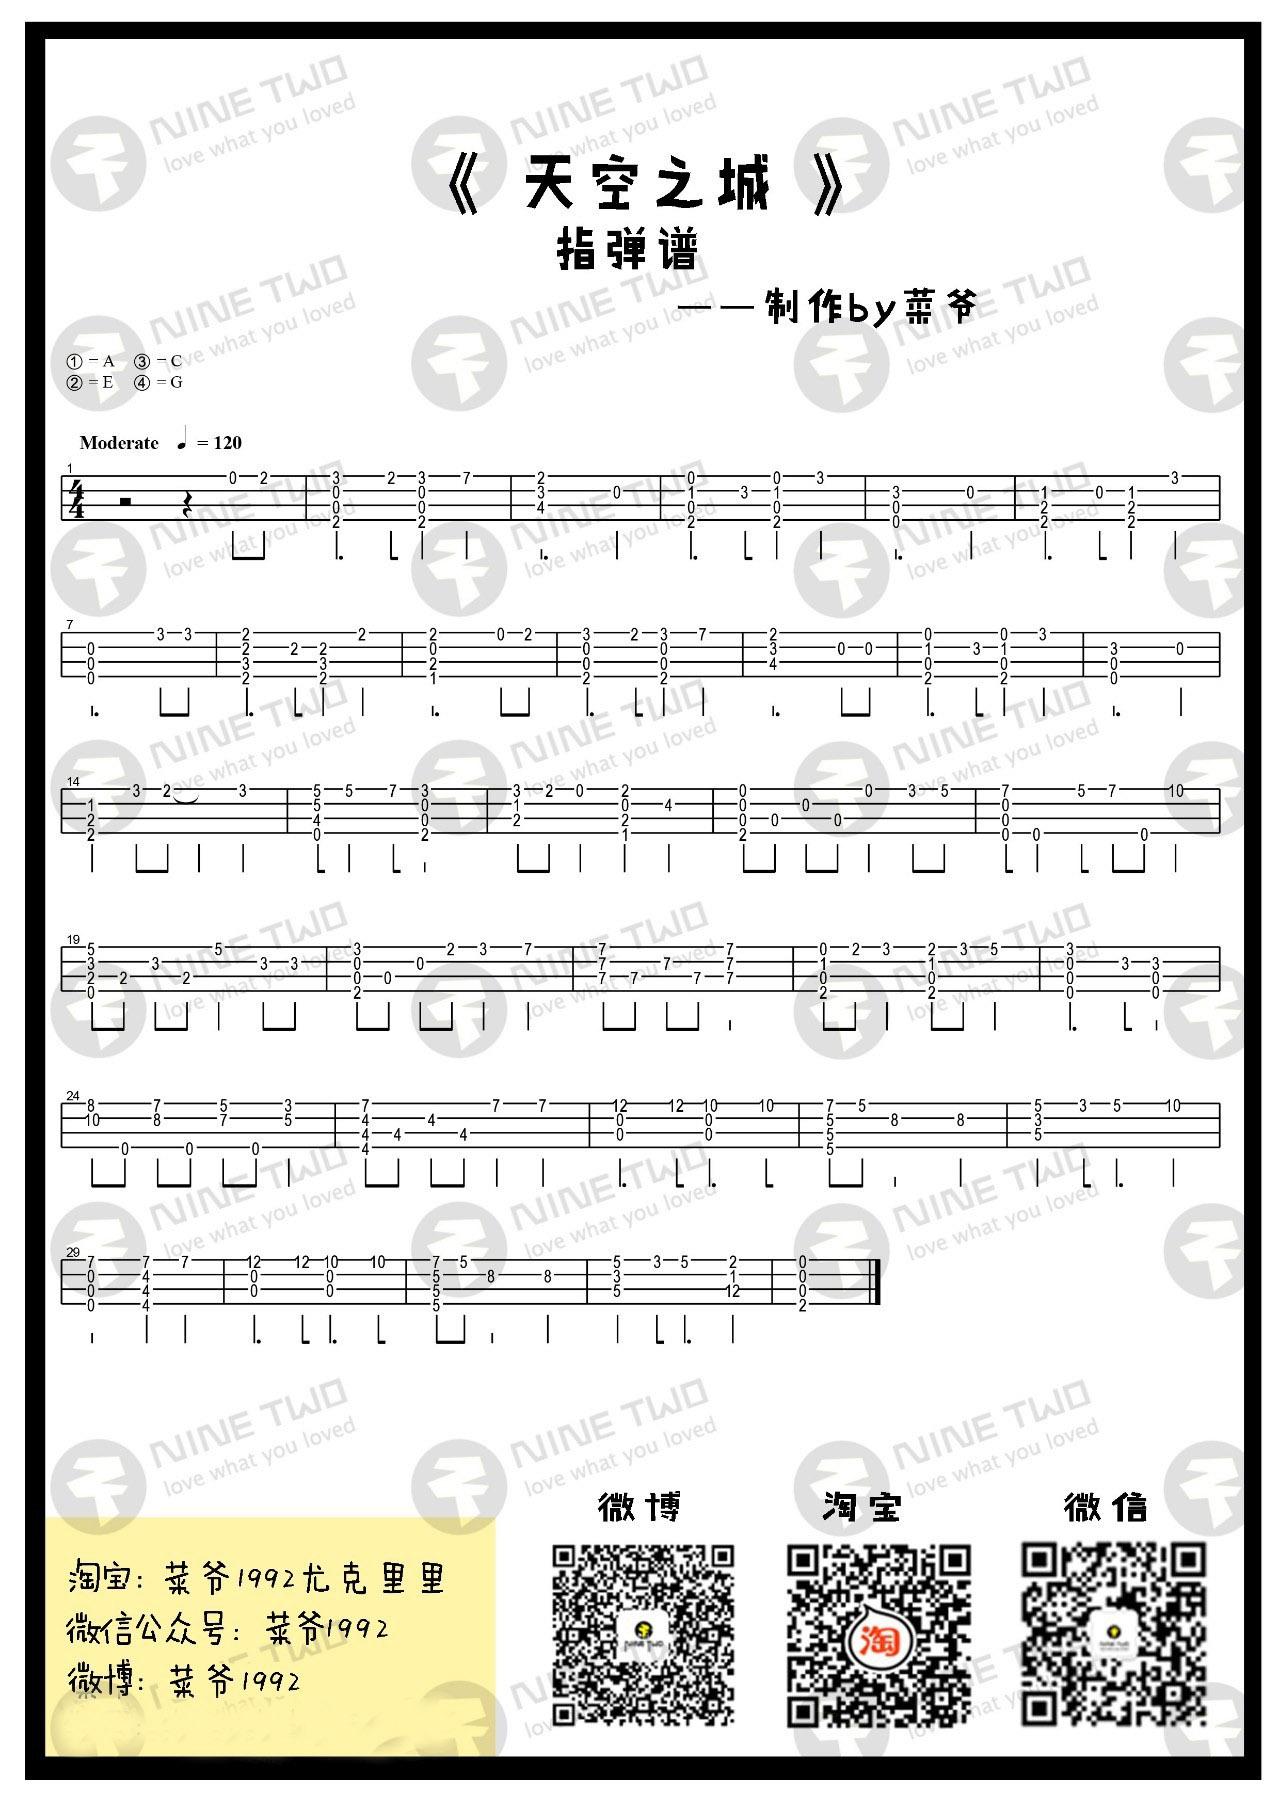 《天空之城》- ukulele指弹曲谱